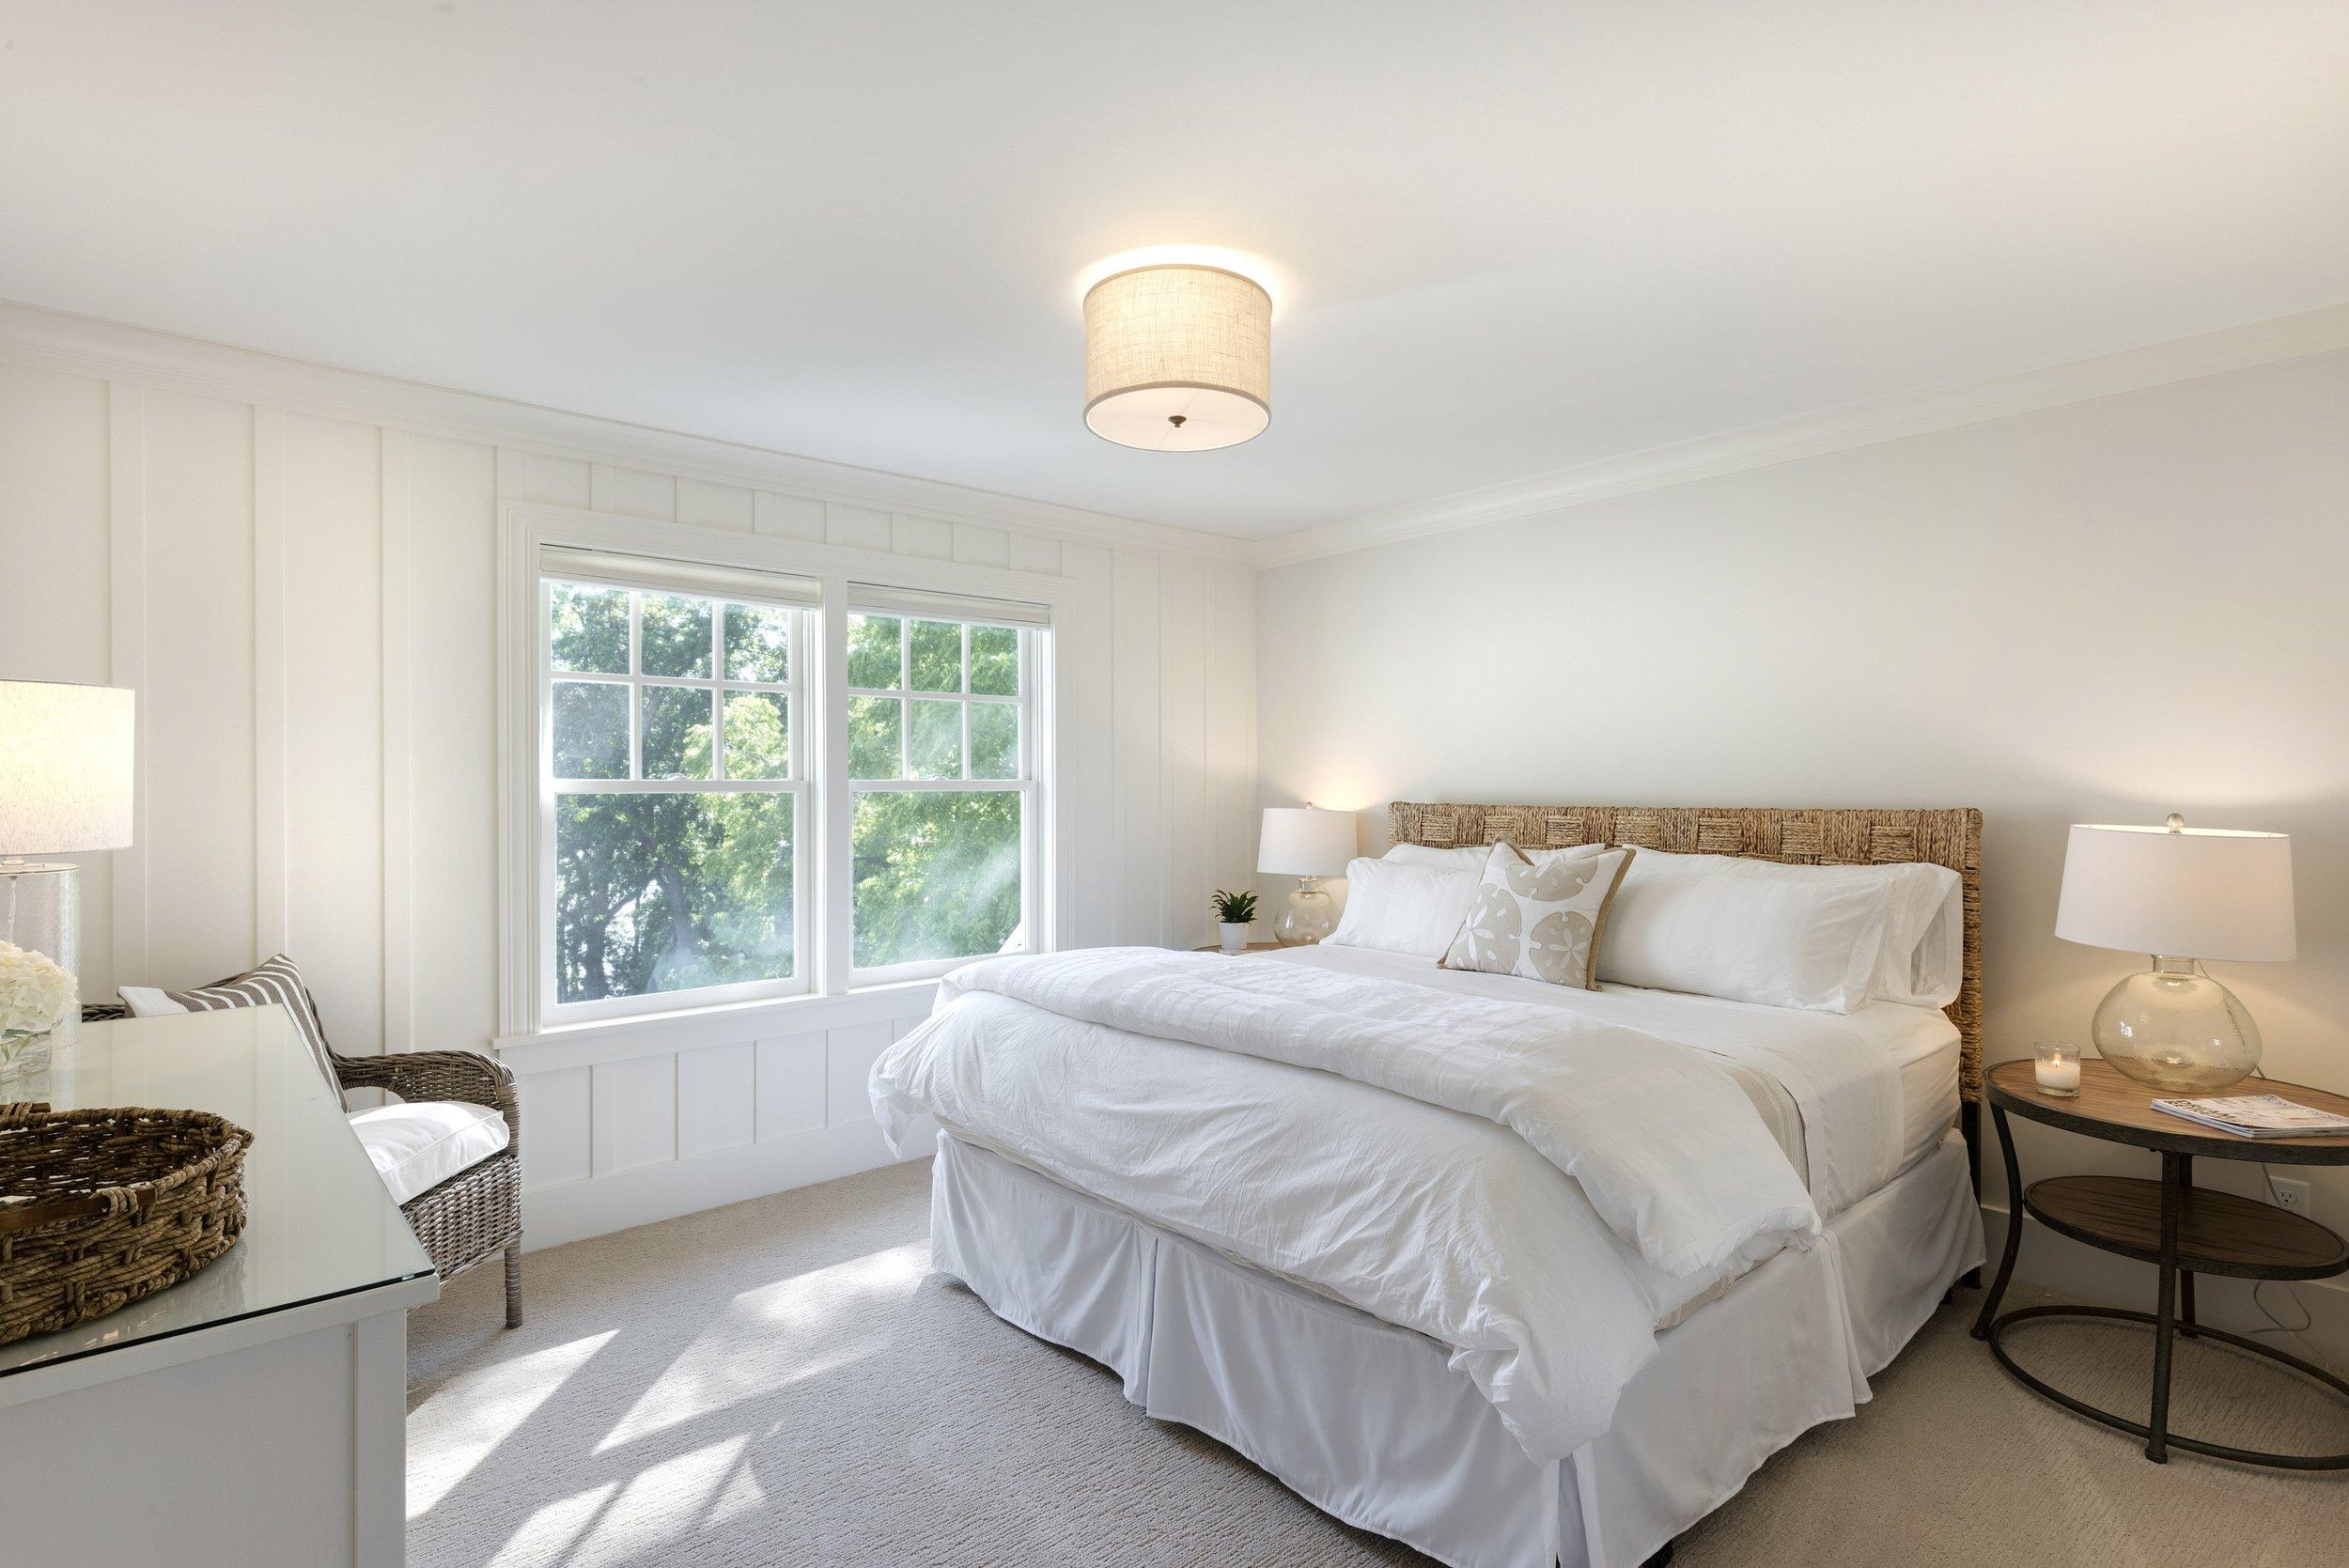 15-upstairs-bedroom.jpg